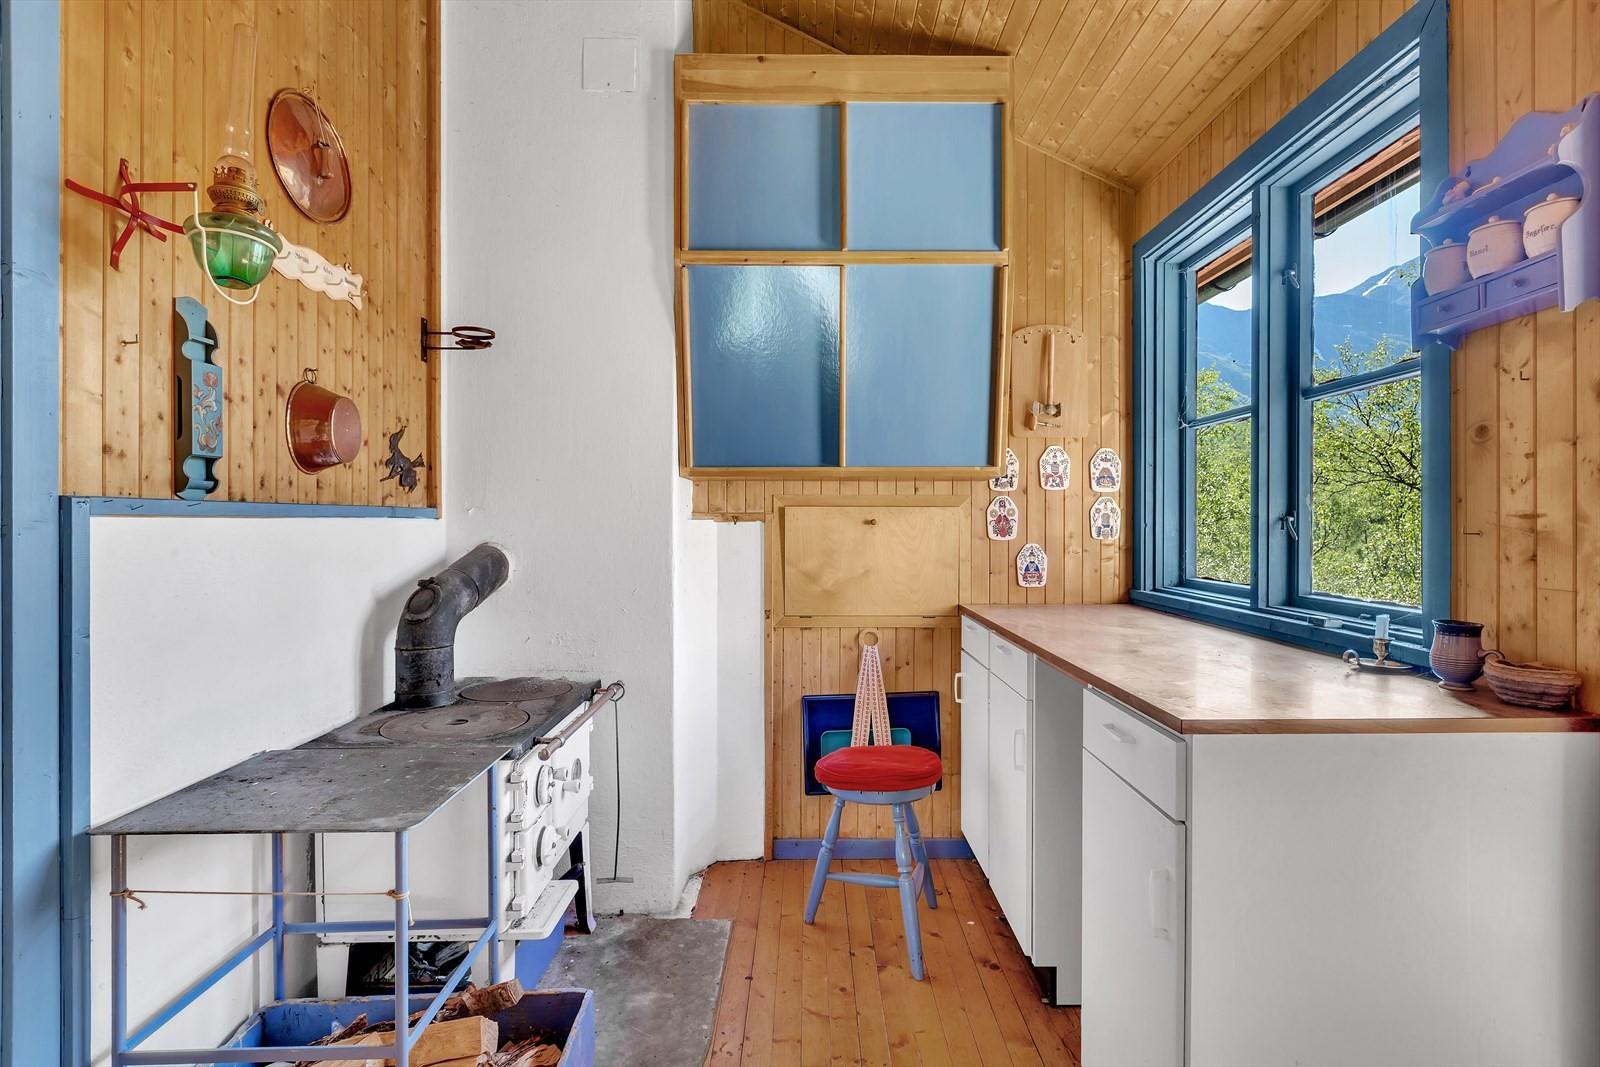 Kjøkken med vedovn og enkel kjøkkeninnredning